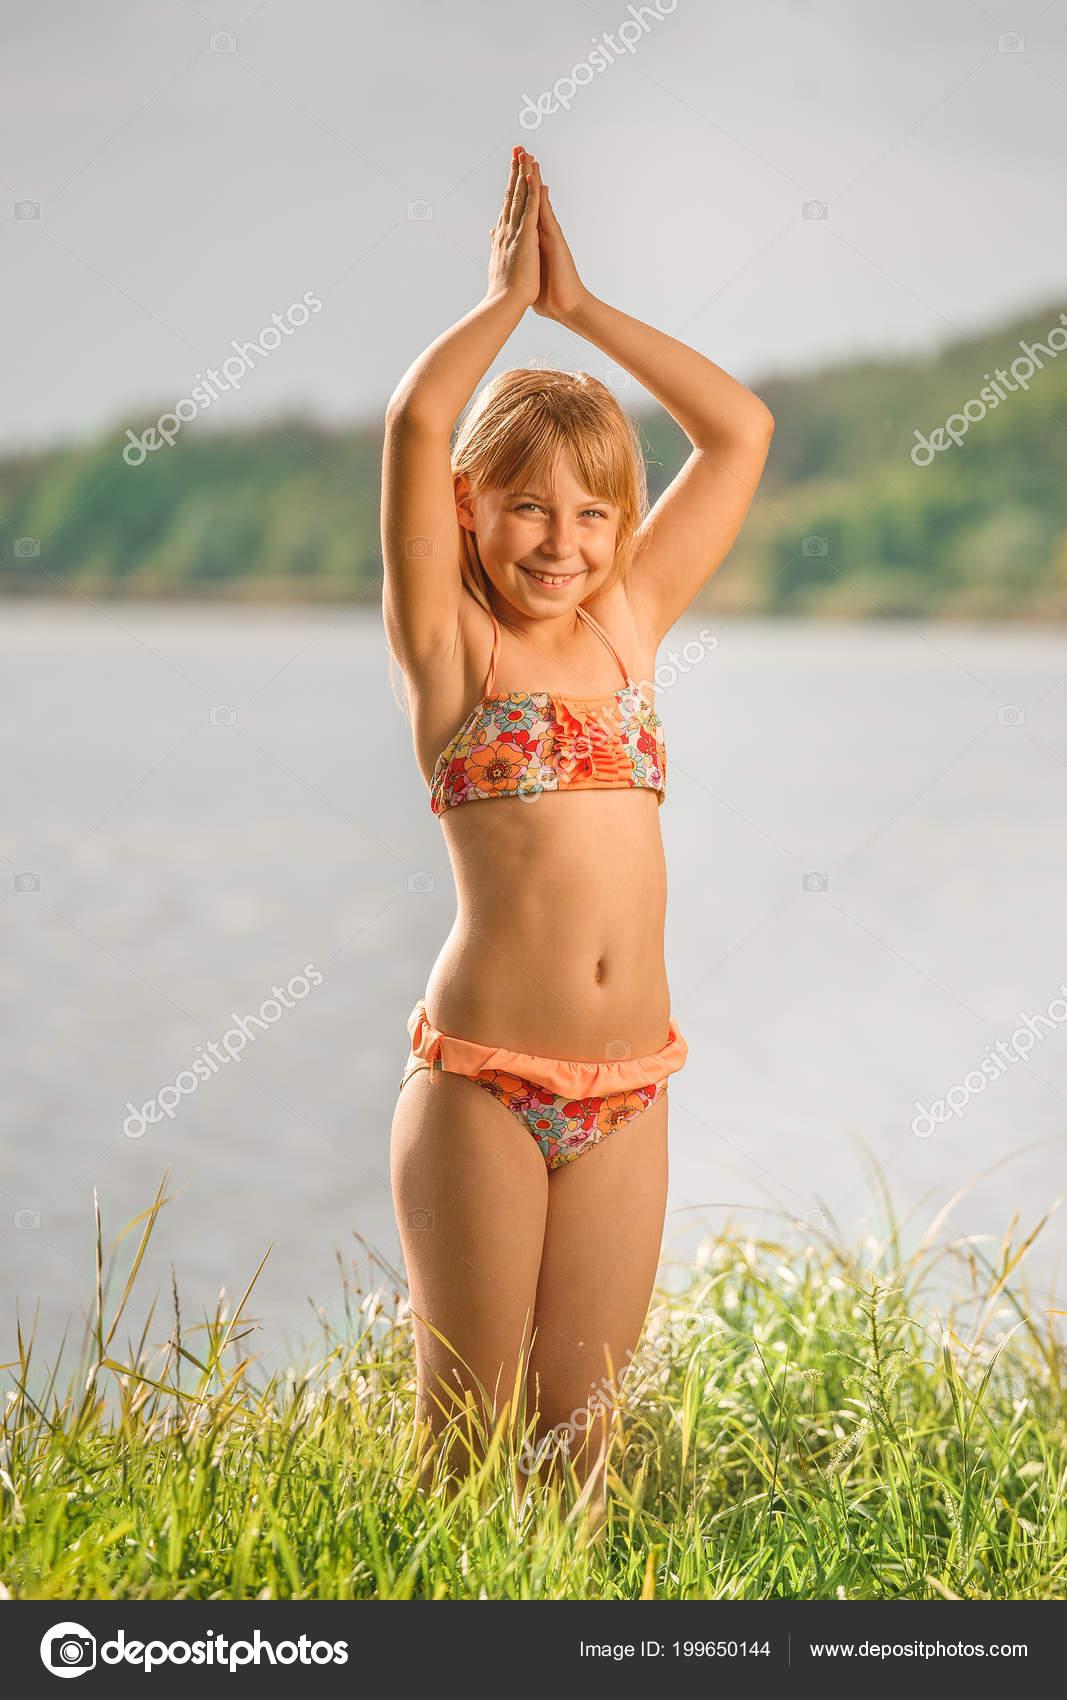 dcf767660 Niña con pie de pelo en un traje de baño en el verano contra una chica de  river.a en un traje de baño de color rojo anaranjado brillante — Foto de ...